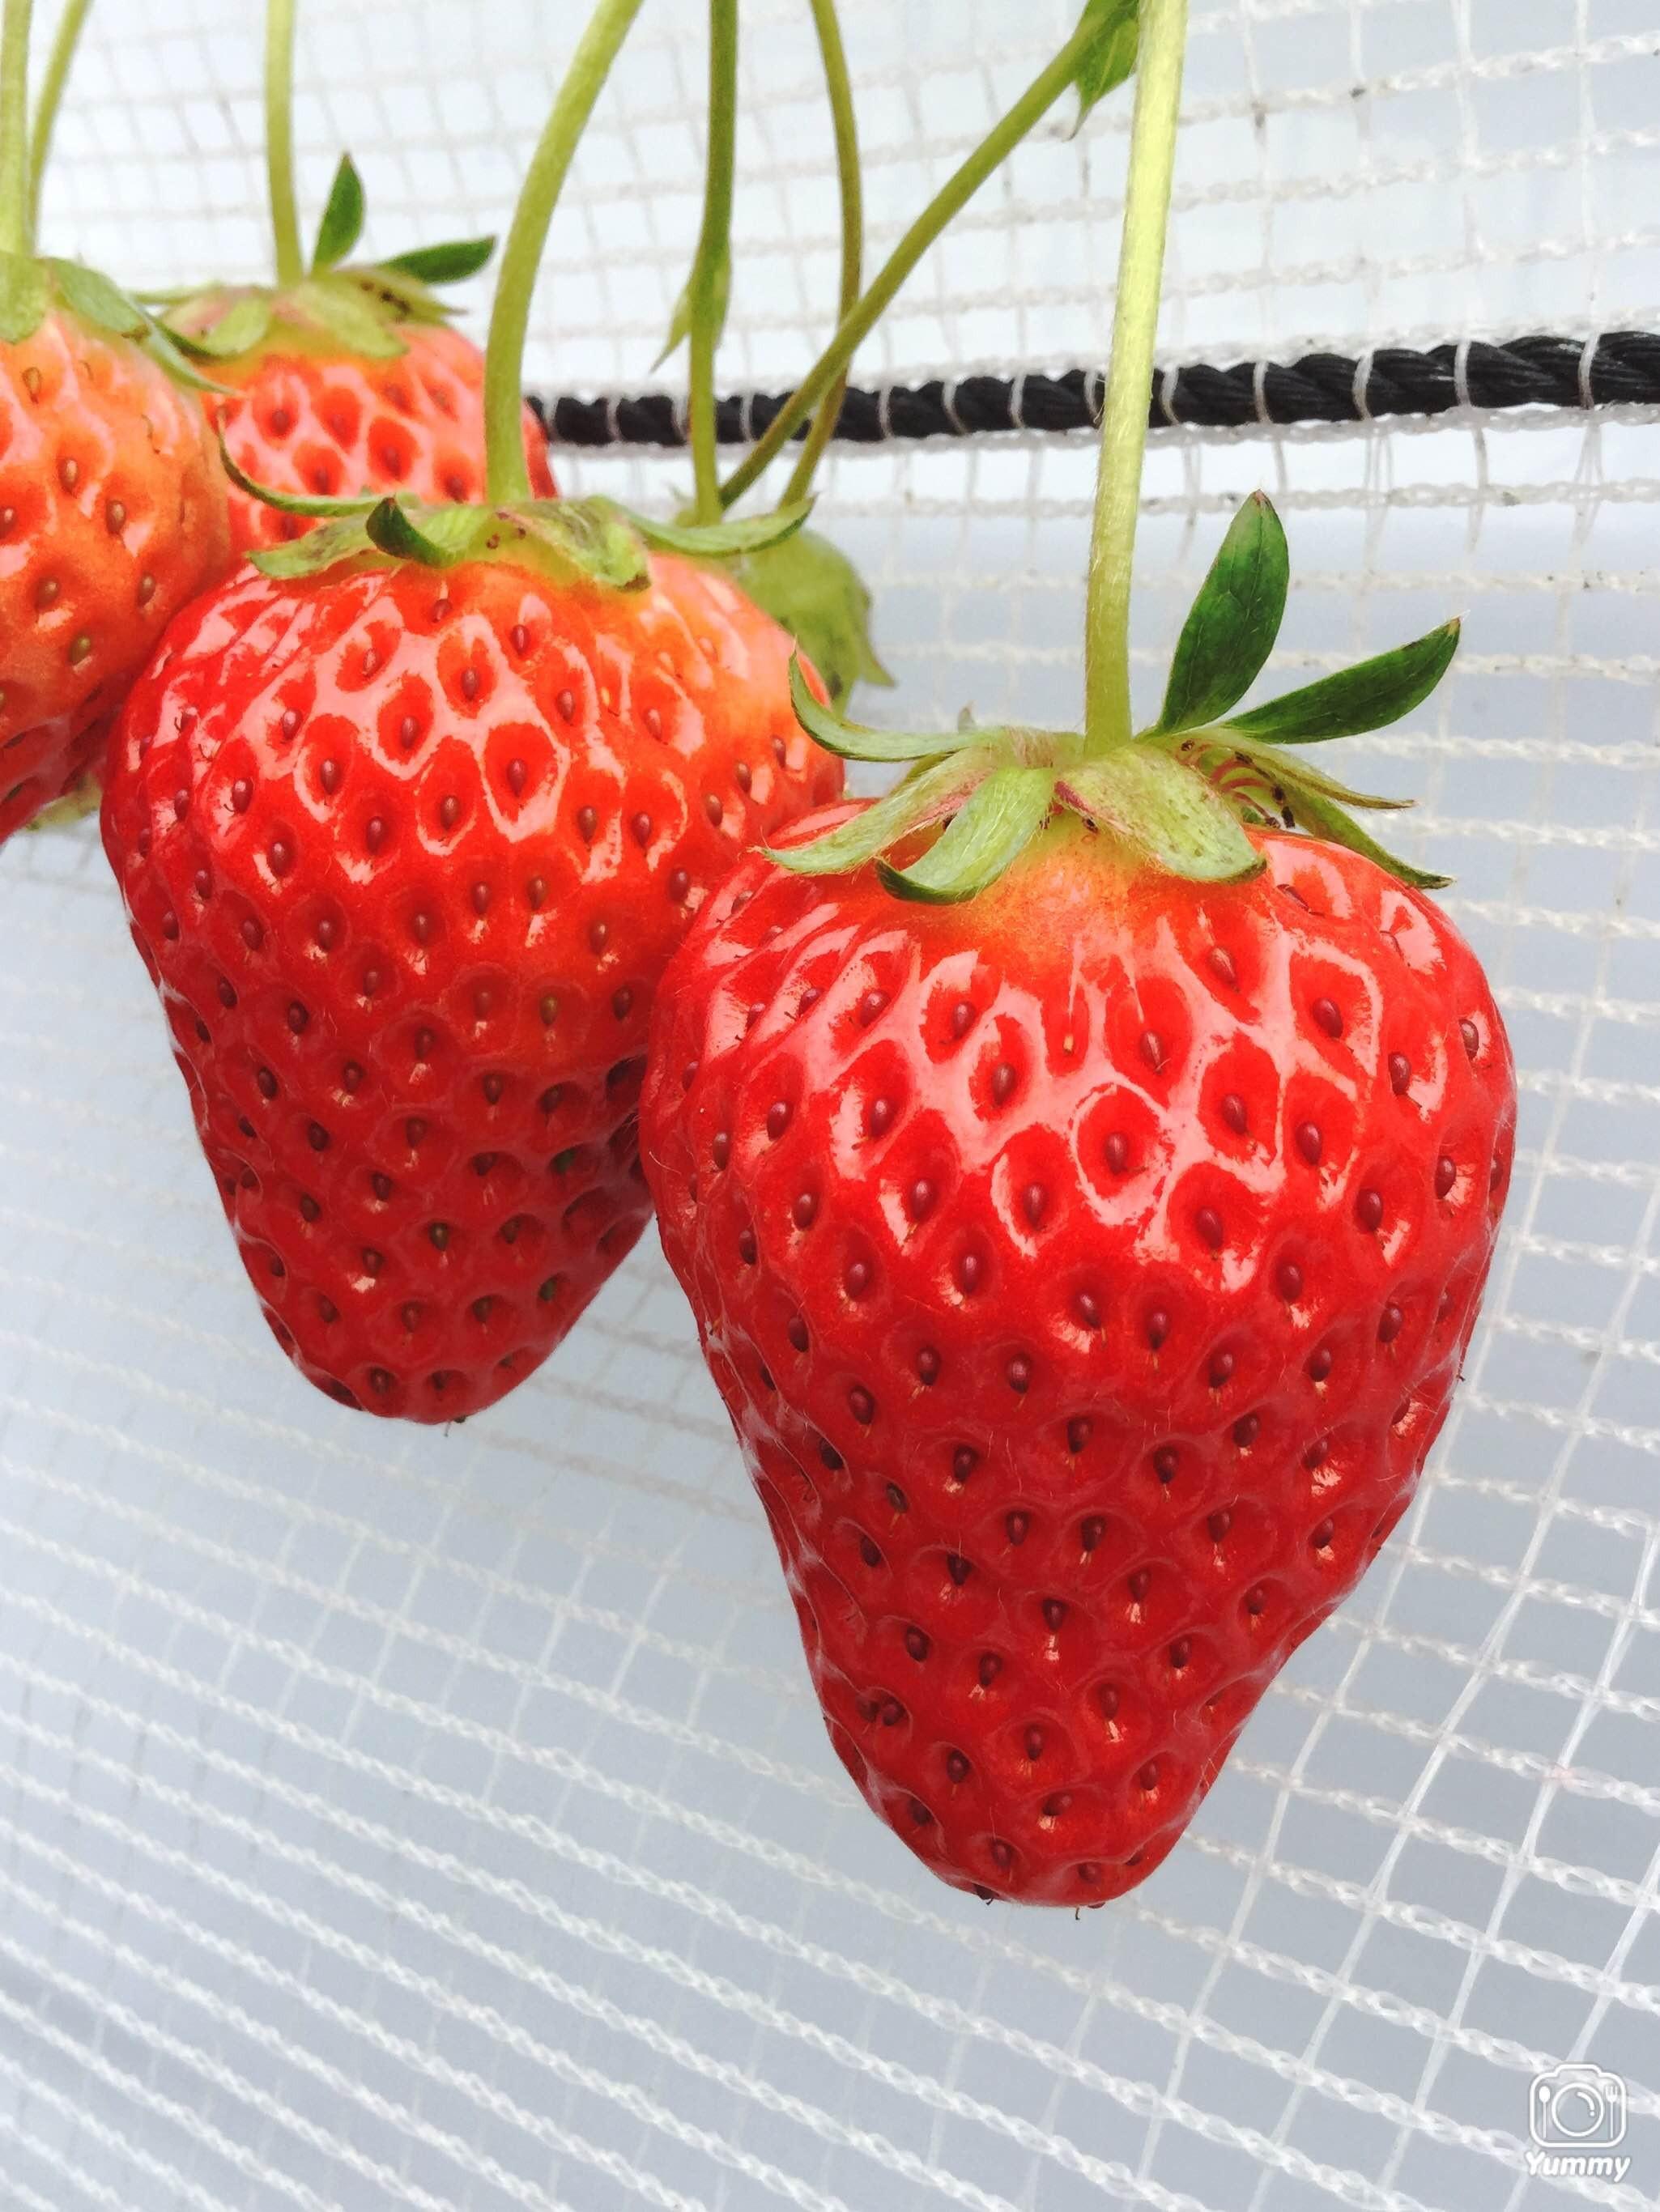 粒が大きく鮮やかな紅色をしていて、果肉が赤くなるのが特徴です。 「章姫×さちのか」として静岡で誕生し、2002年に登録された品種です。 糖度が平均12〜13度と高く、たっぷりの甘みの中に適度な酸味が調和しています。